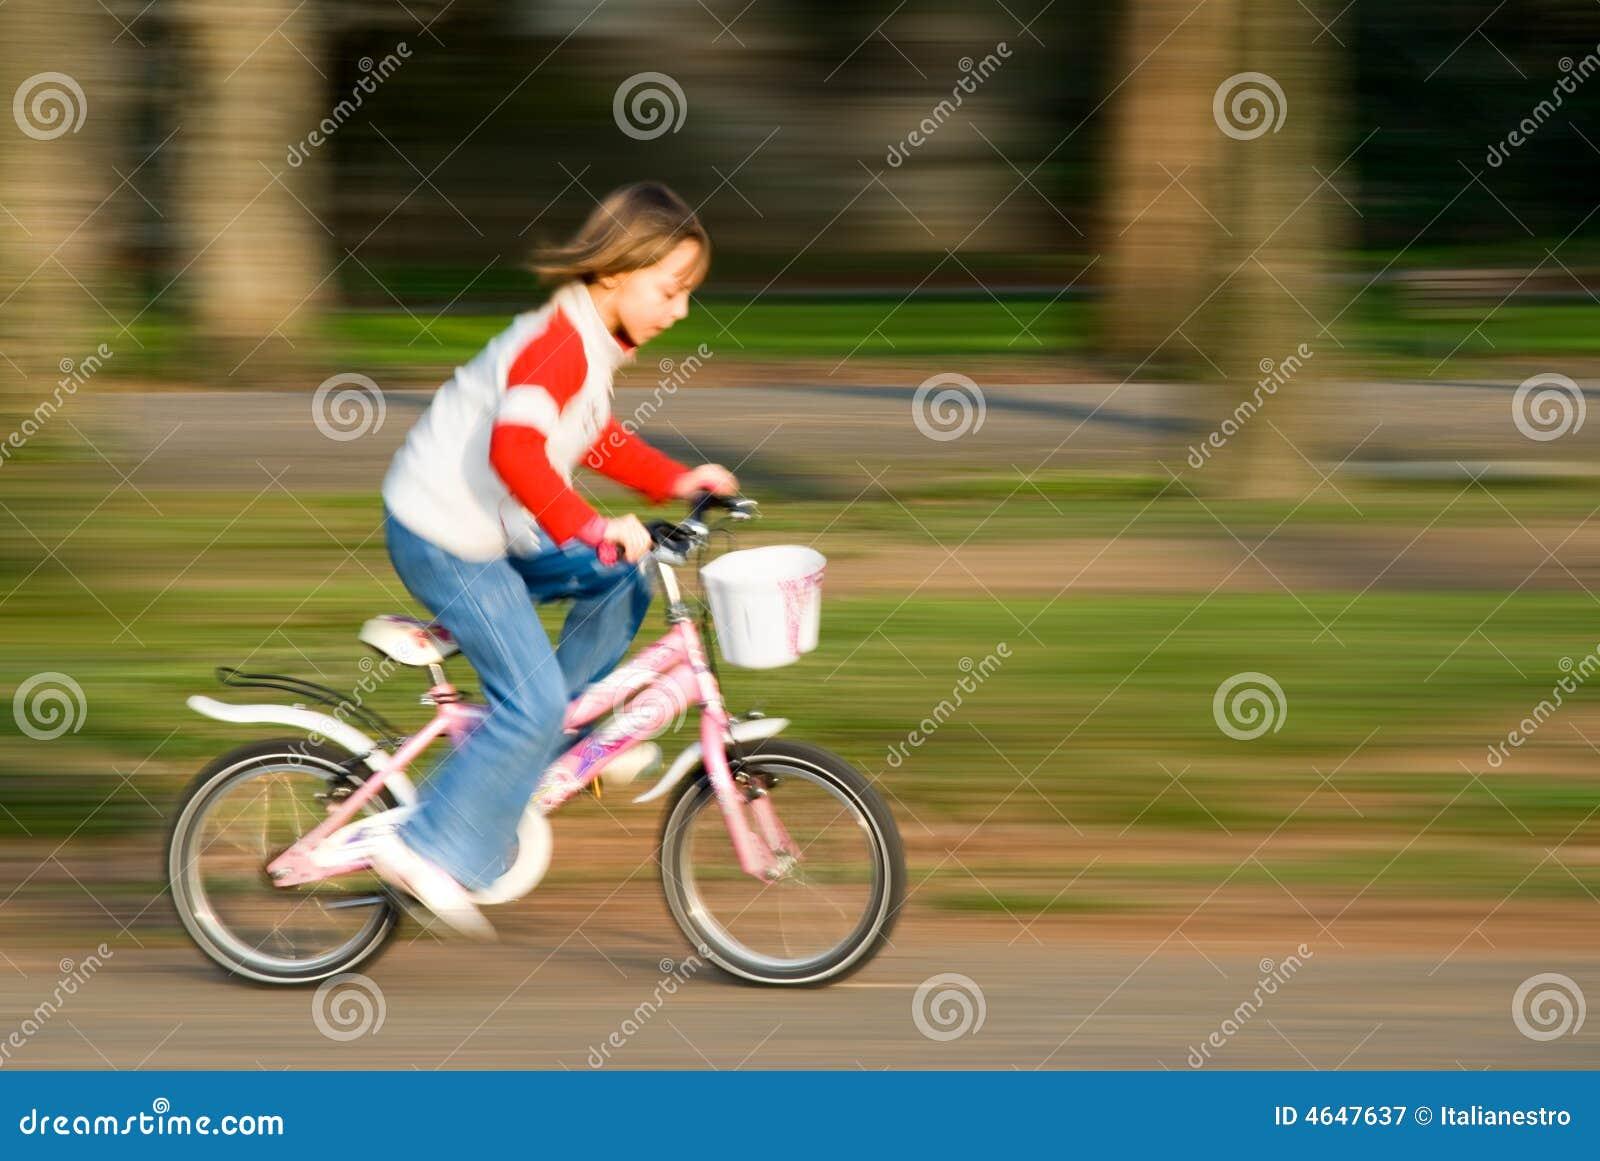 Cykla snabbt